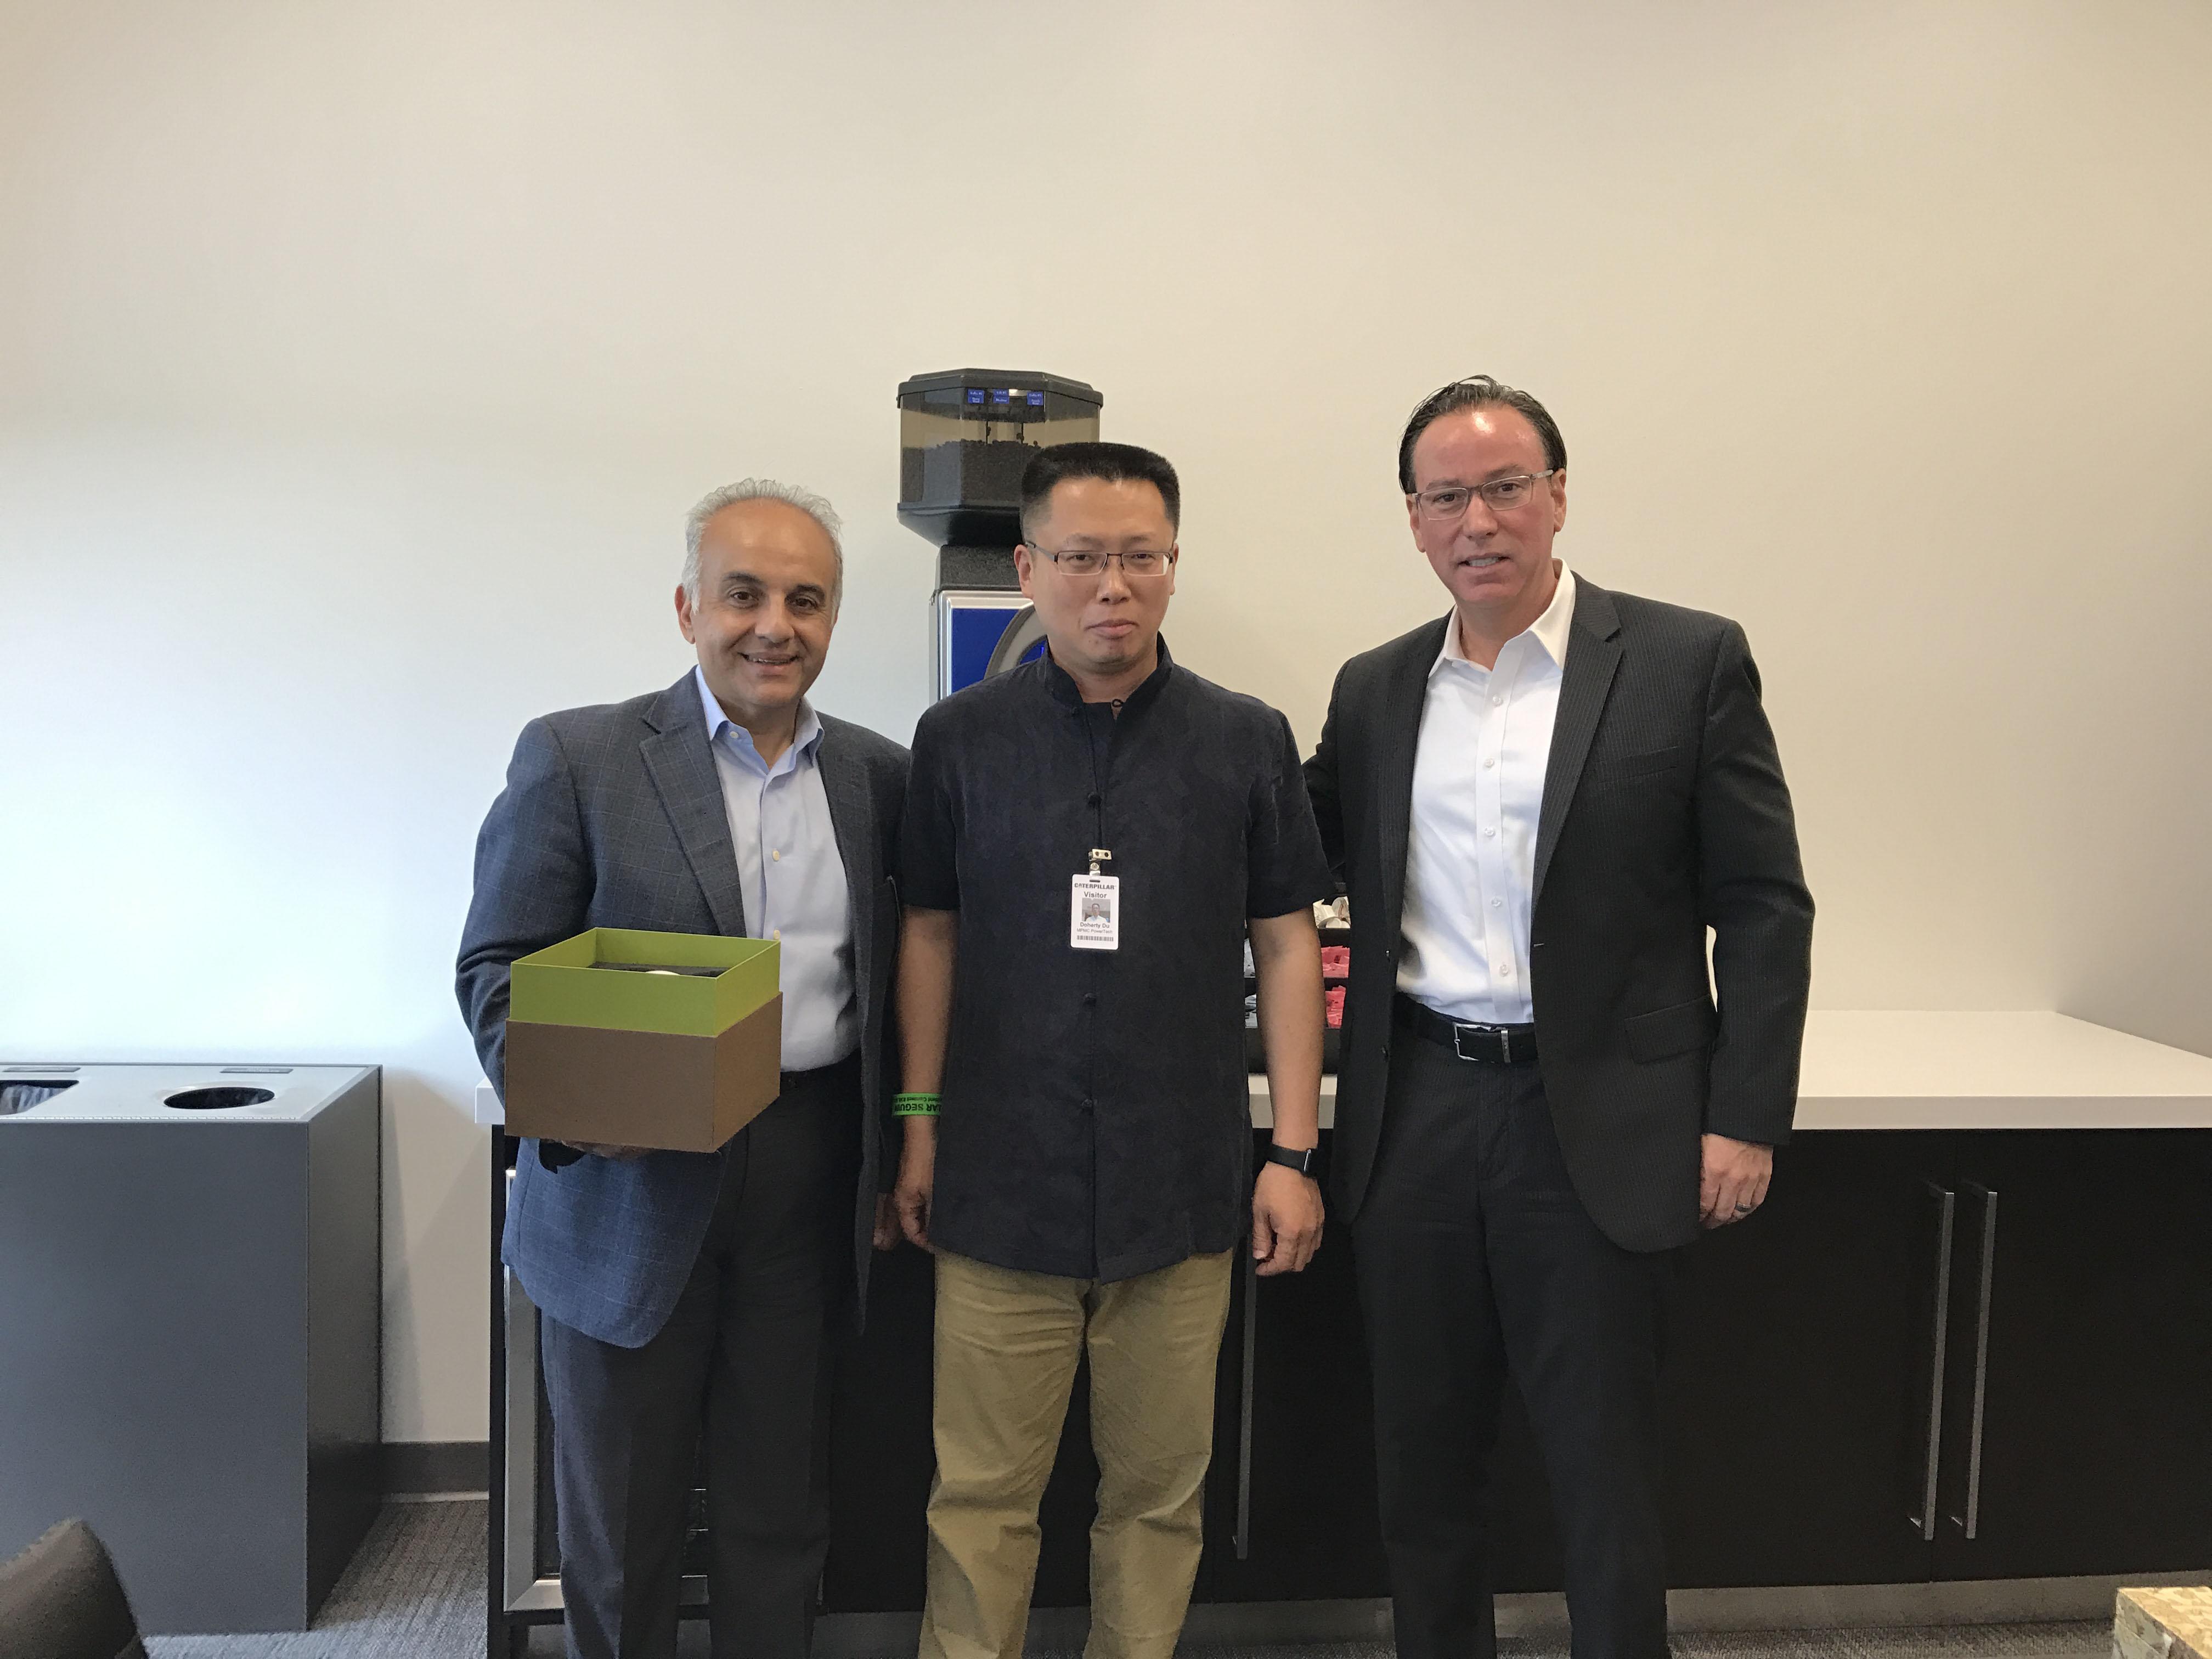 珀金斯全球总裁MR.RAMIN YOUNESSI(左)和副总裁MR.CHRIS SNODGRASS(右)与首帆动力董事长杜剑峰先生合影